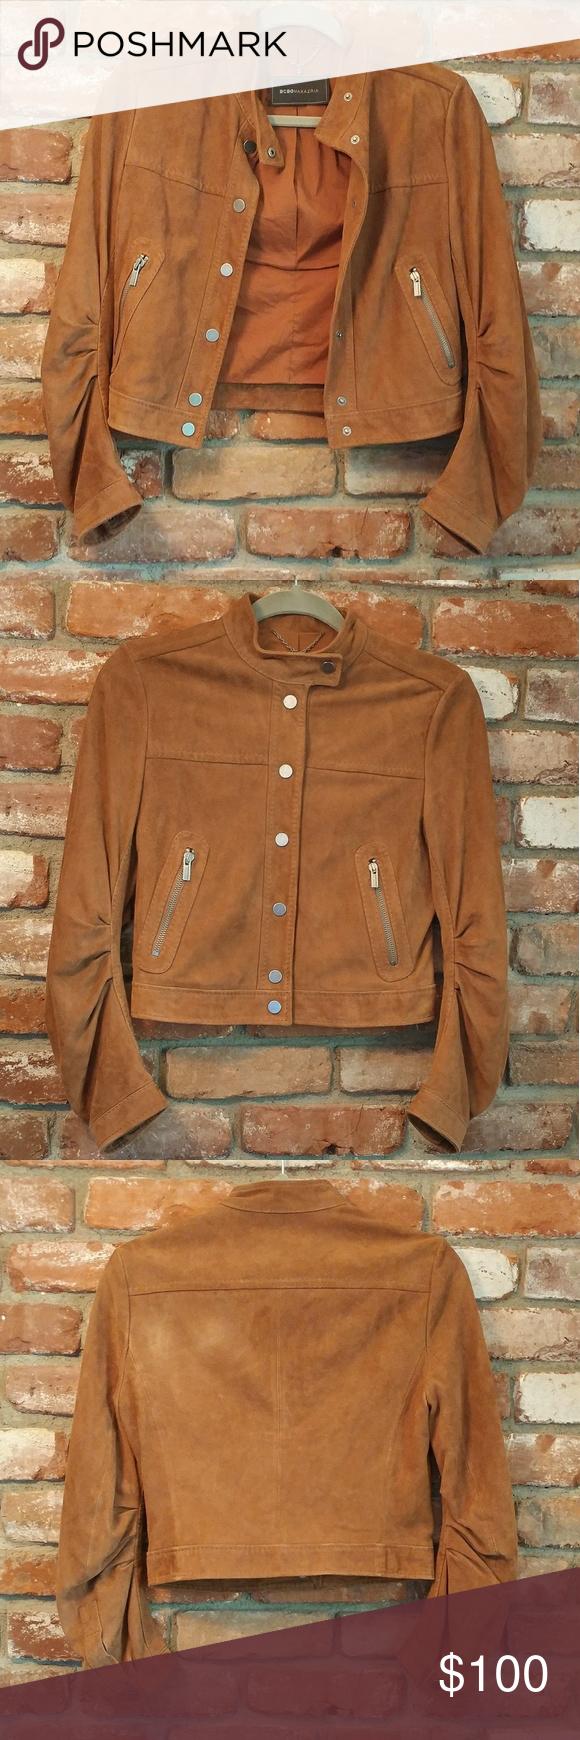 Leather jacket xs - Bcbgmaxazria Ginger Seude Leather Jacket Xs